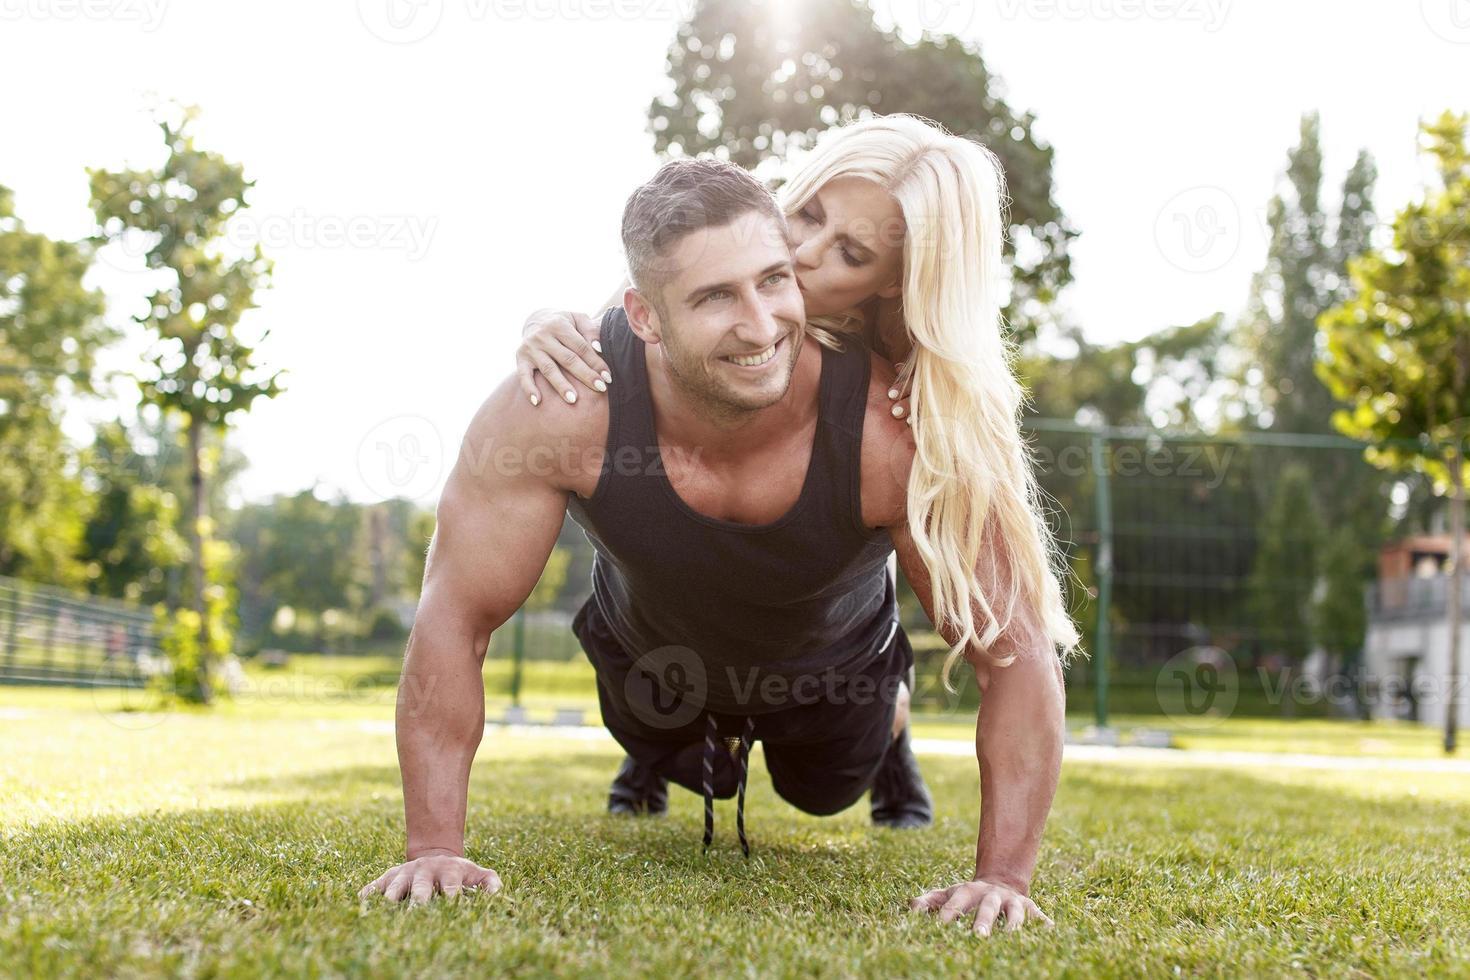 uomo adatto facendo flessioni con la donna sulla schiena foto